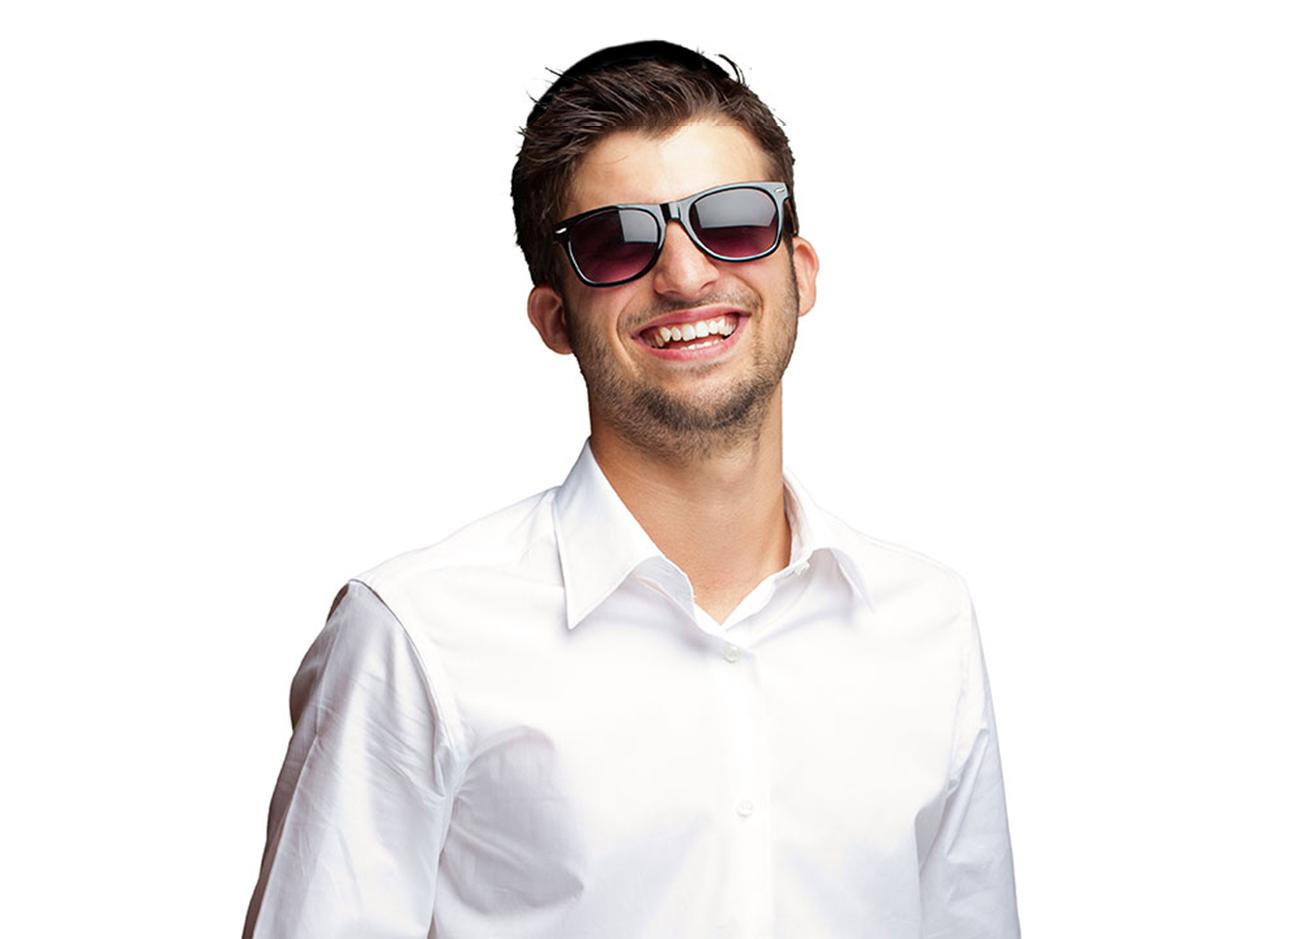 קטלוג משקפי שמש